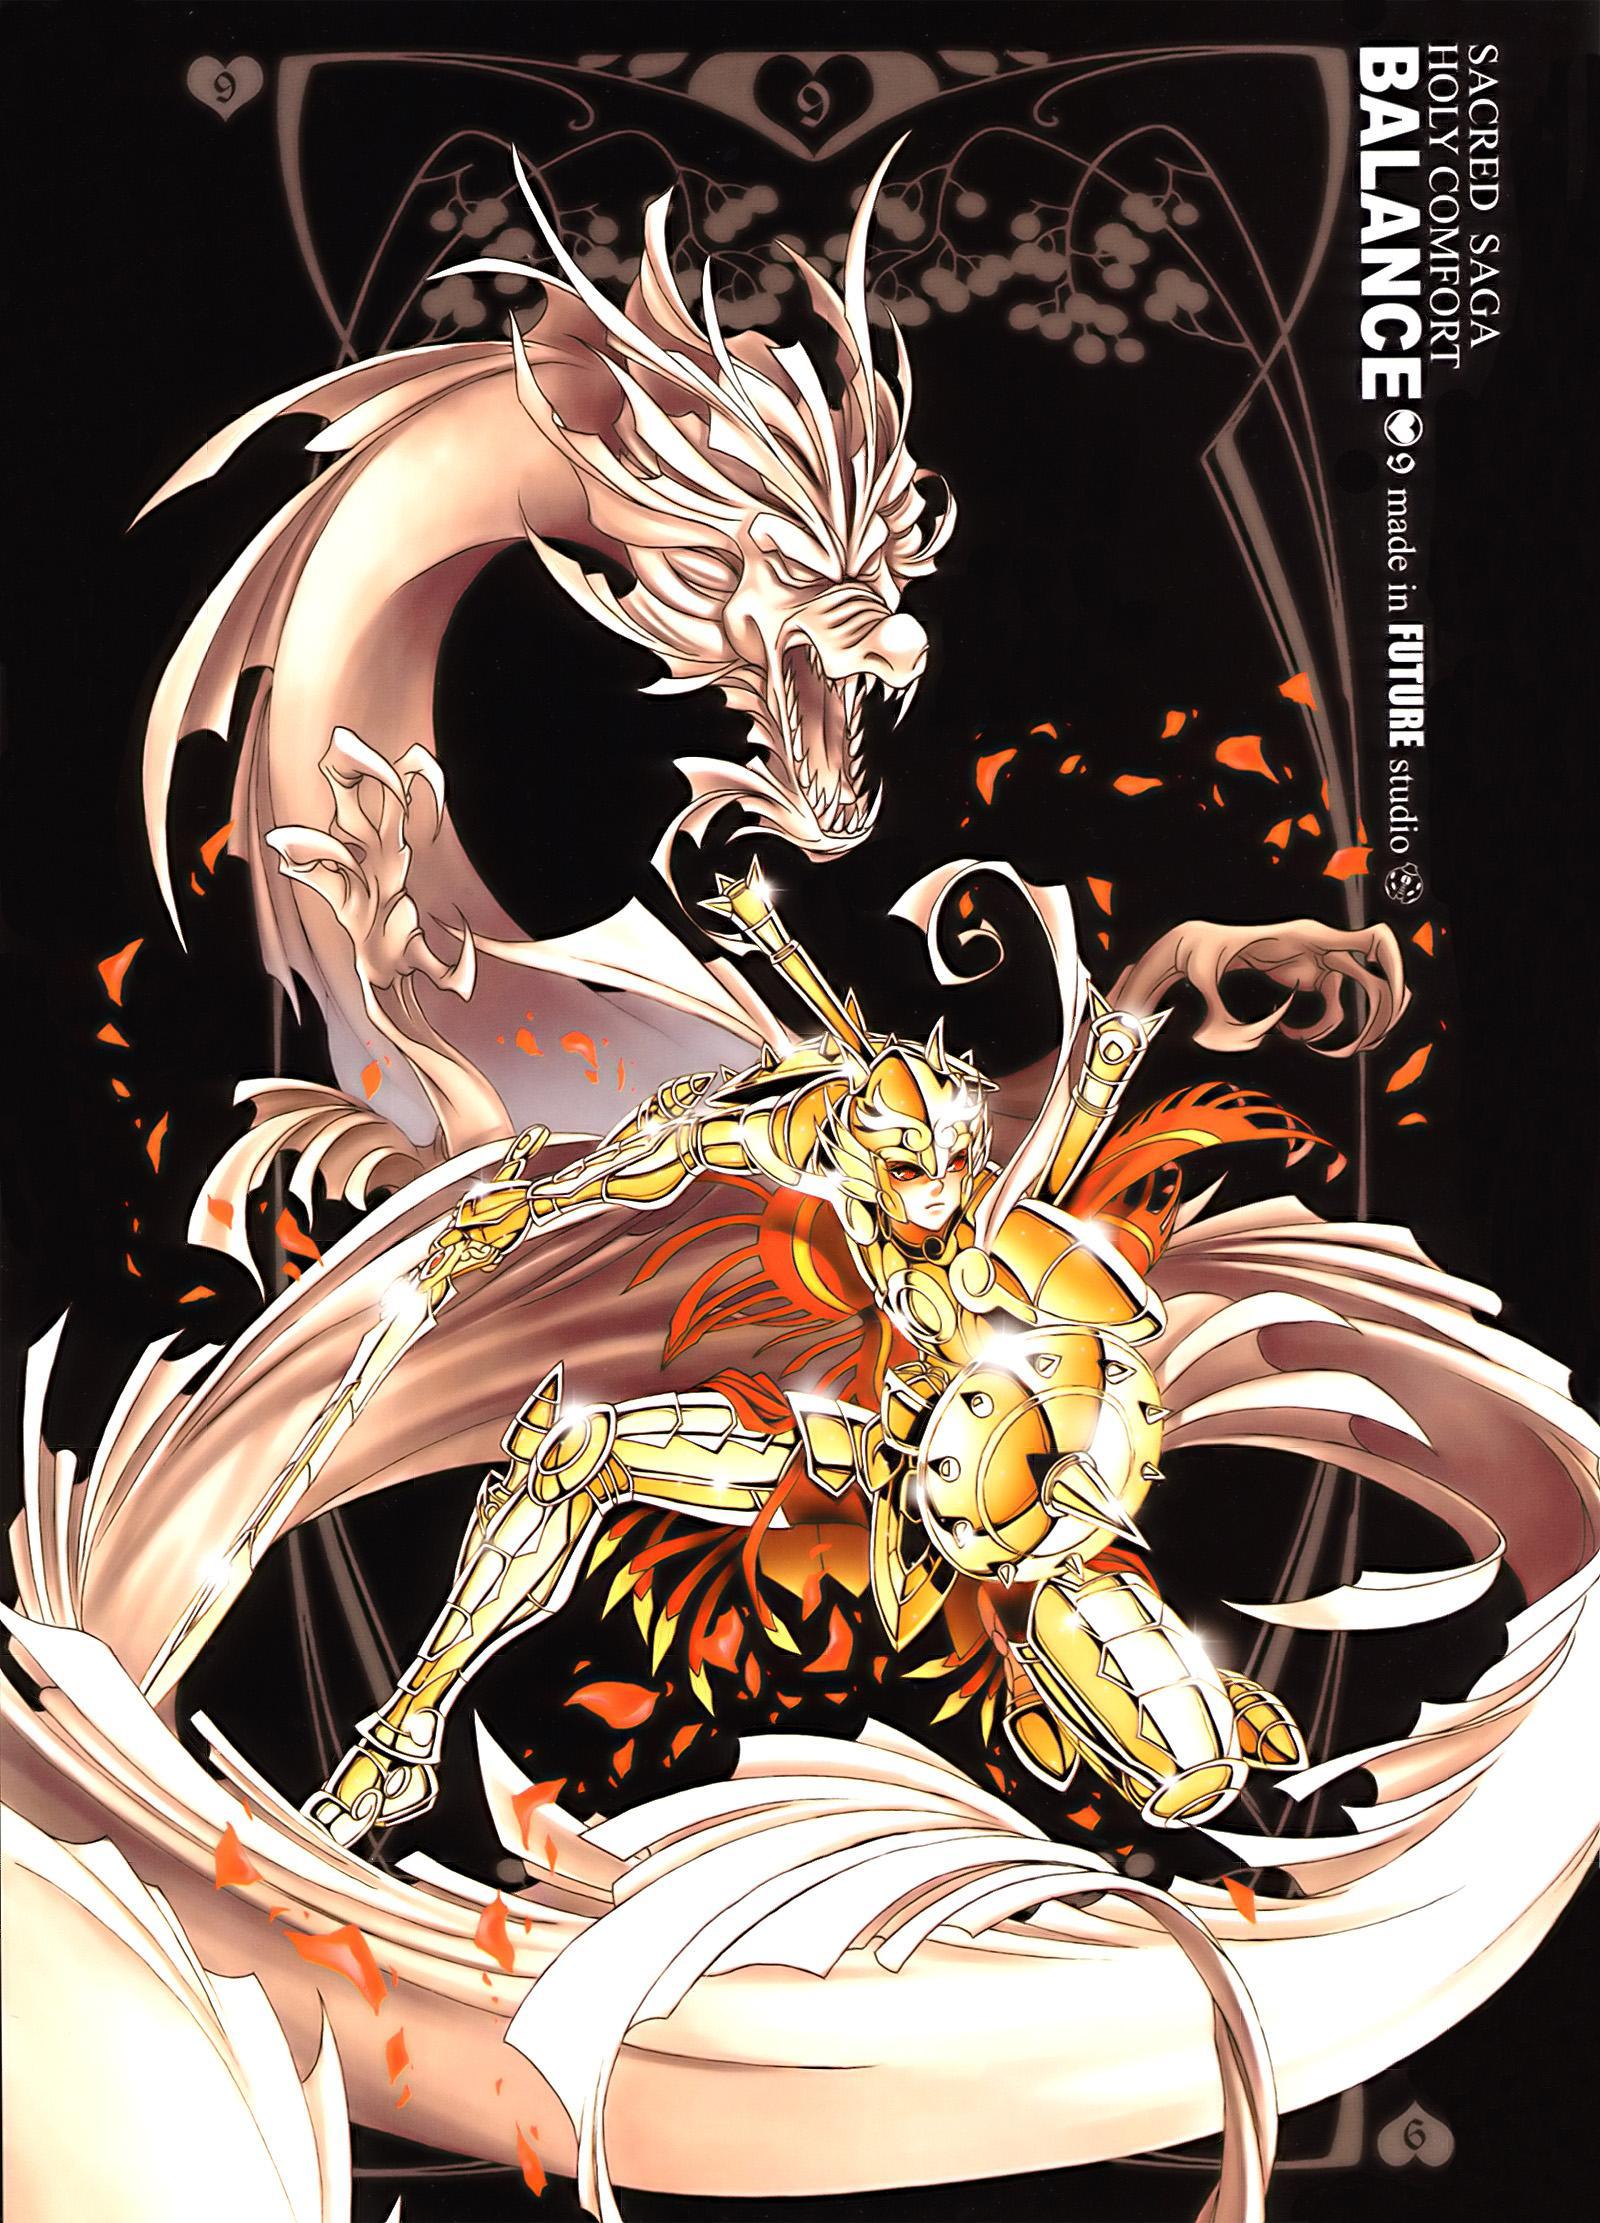 Download Saint Seiya: Libra Dauko (1600x2223) - Minitokyo